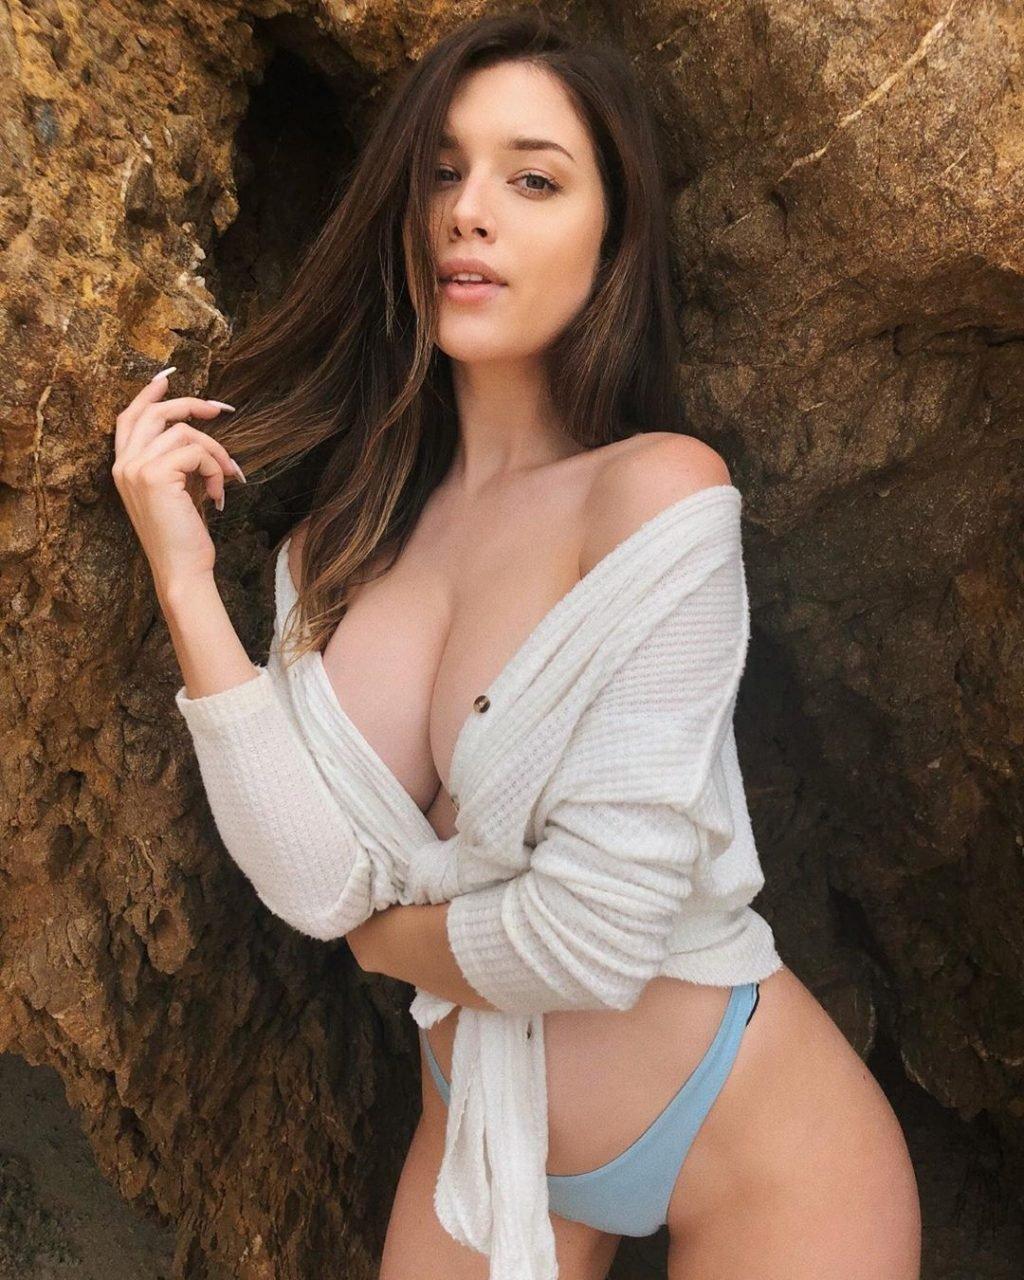 Lauren Summer Nude & Hot (26 Pics + Video)